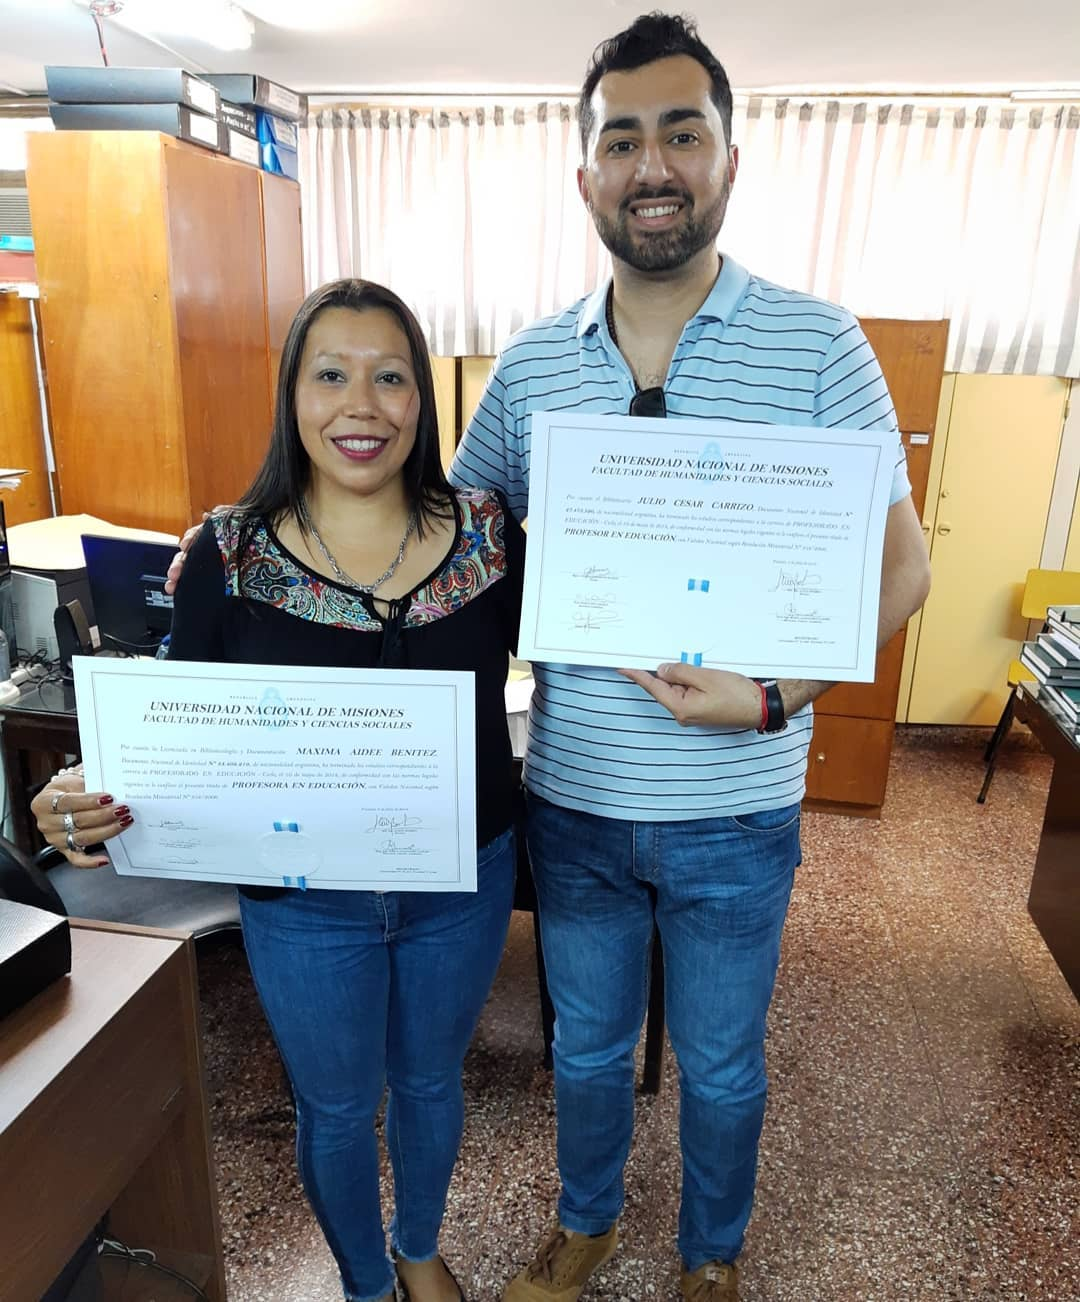 Foto de Maxi y Julio cuando recibieron sus diplomas de profesores de educación